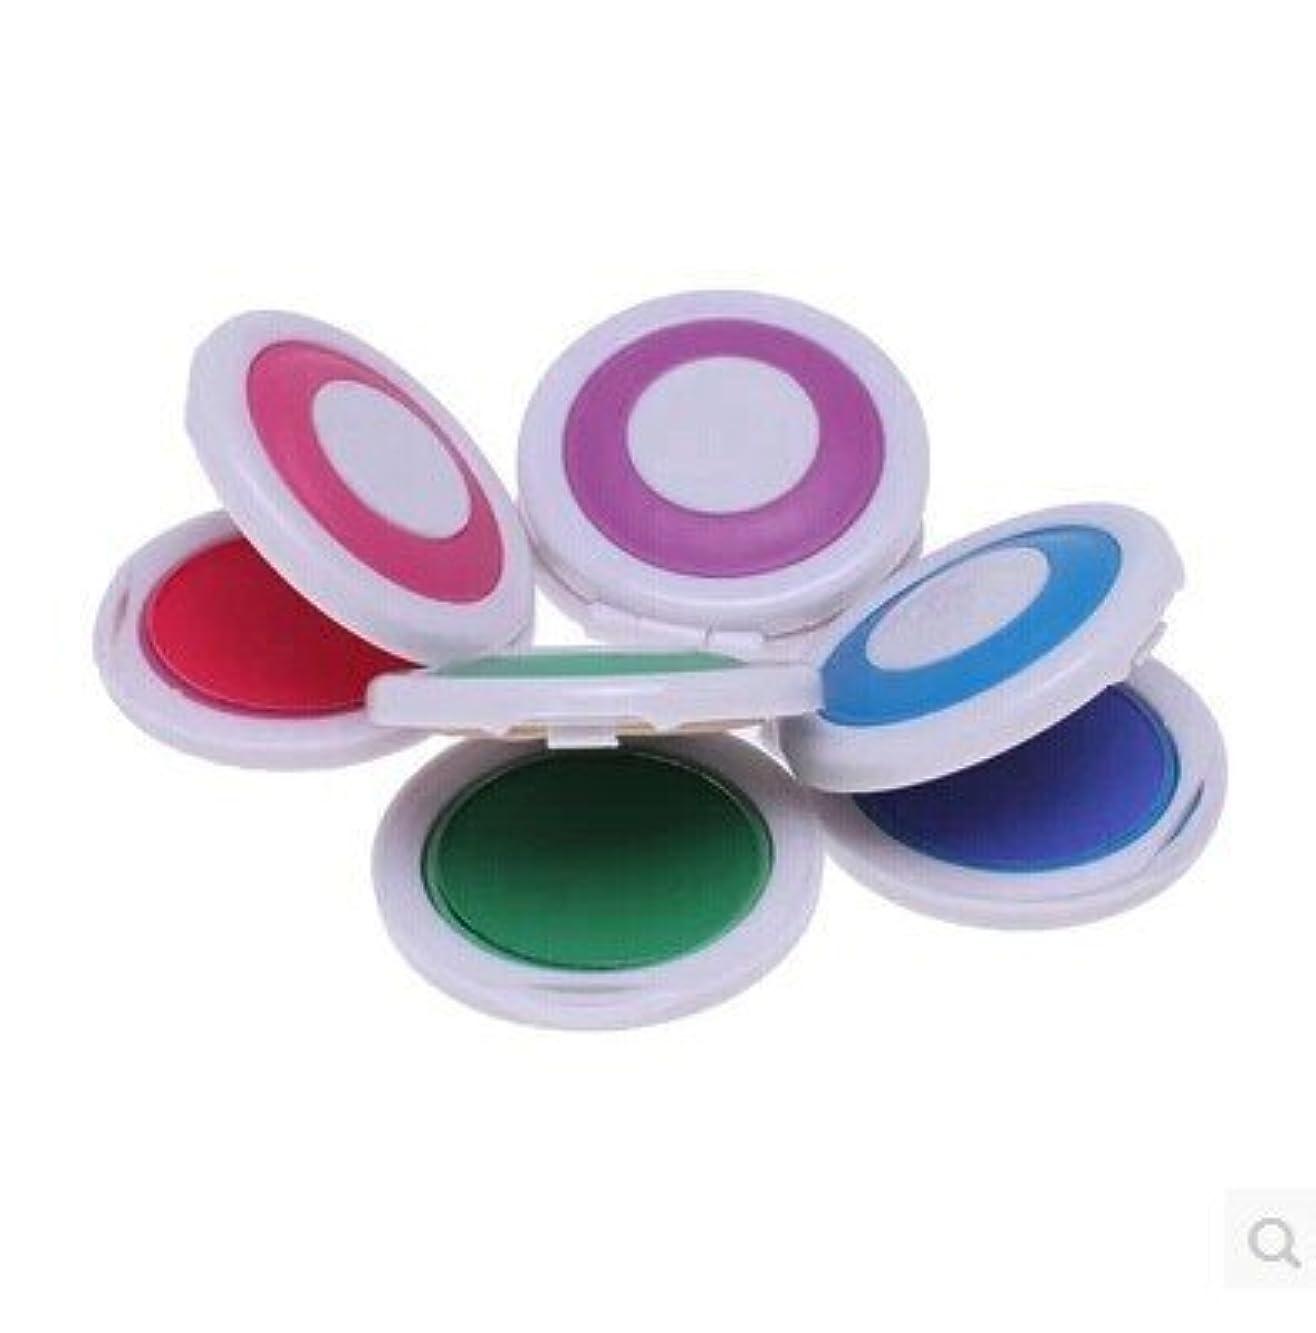 貫入ほかに第三MakeupAcc ヘアカラーチョーク ヘアカラーファンデーション ヘアカラーパウダー パーフェクトパウダー 4色 ピンク 紫 緑 ブルー (105g)